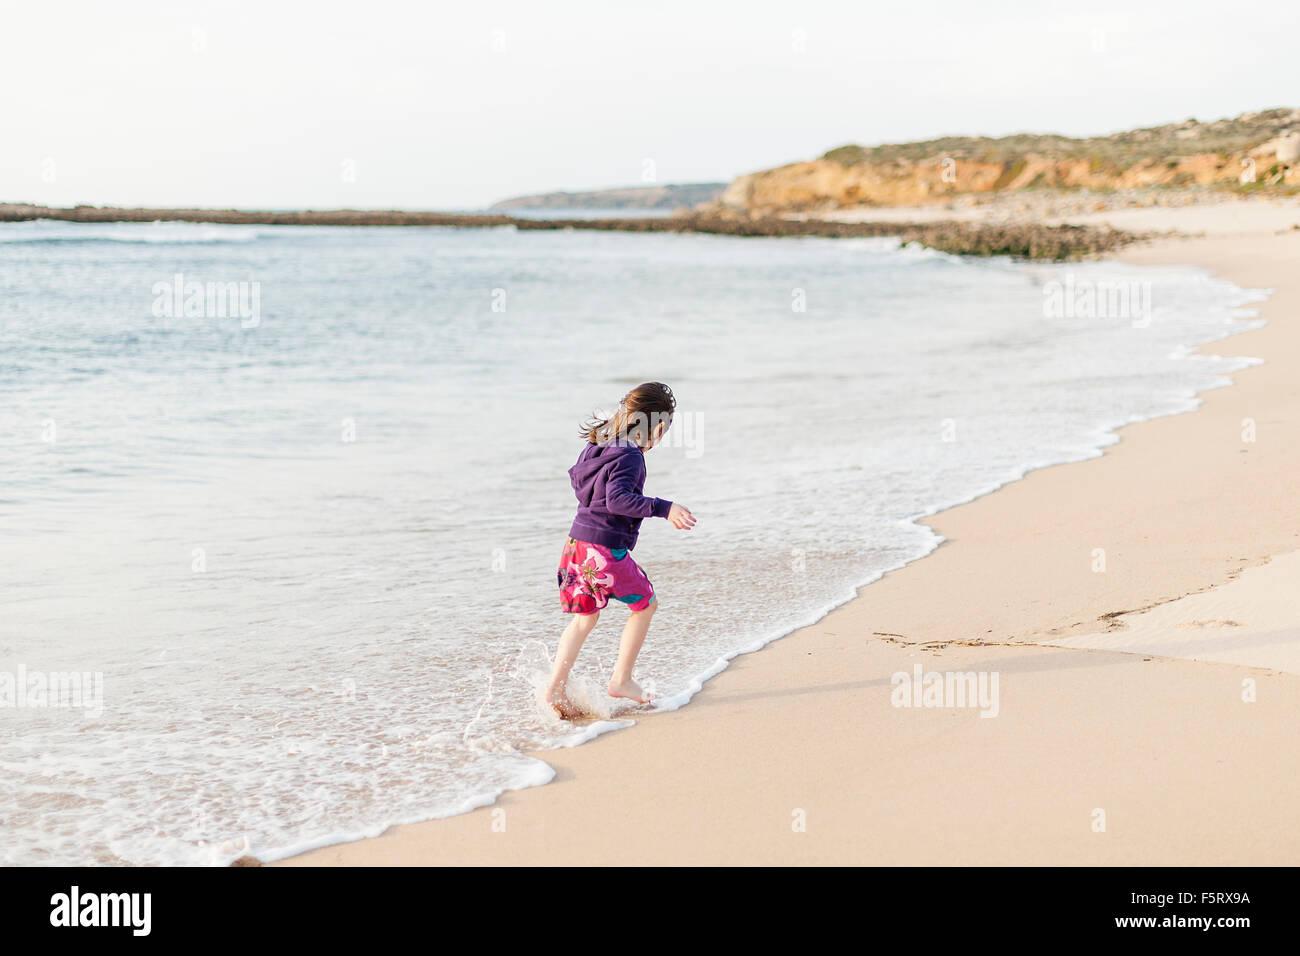 Portogallo Alentejo, Vila nova de Milfontes, ragazza (4-5) in esecuzione in surf Immagini Stock